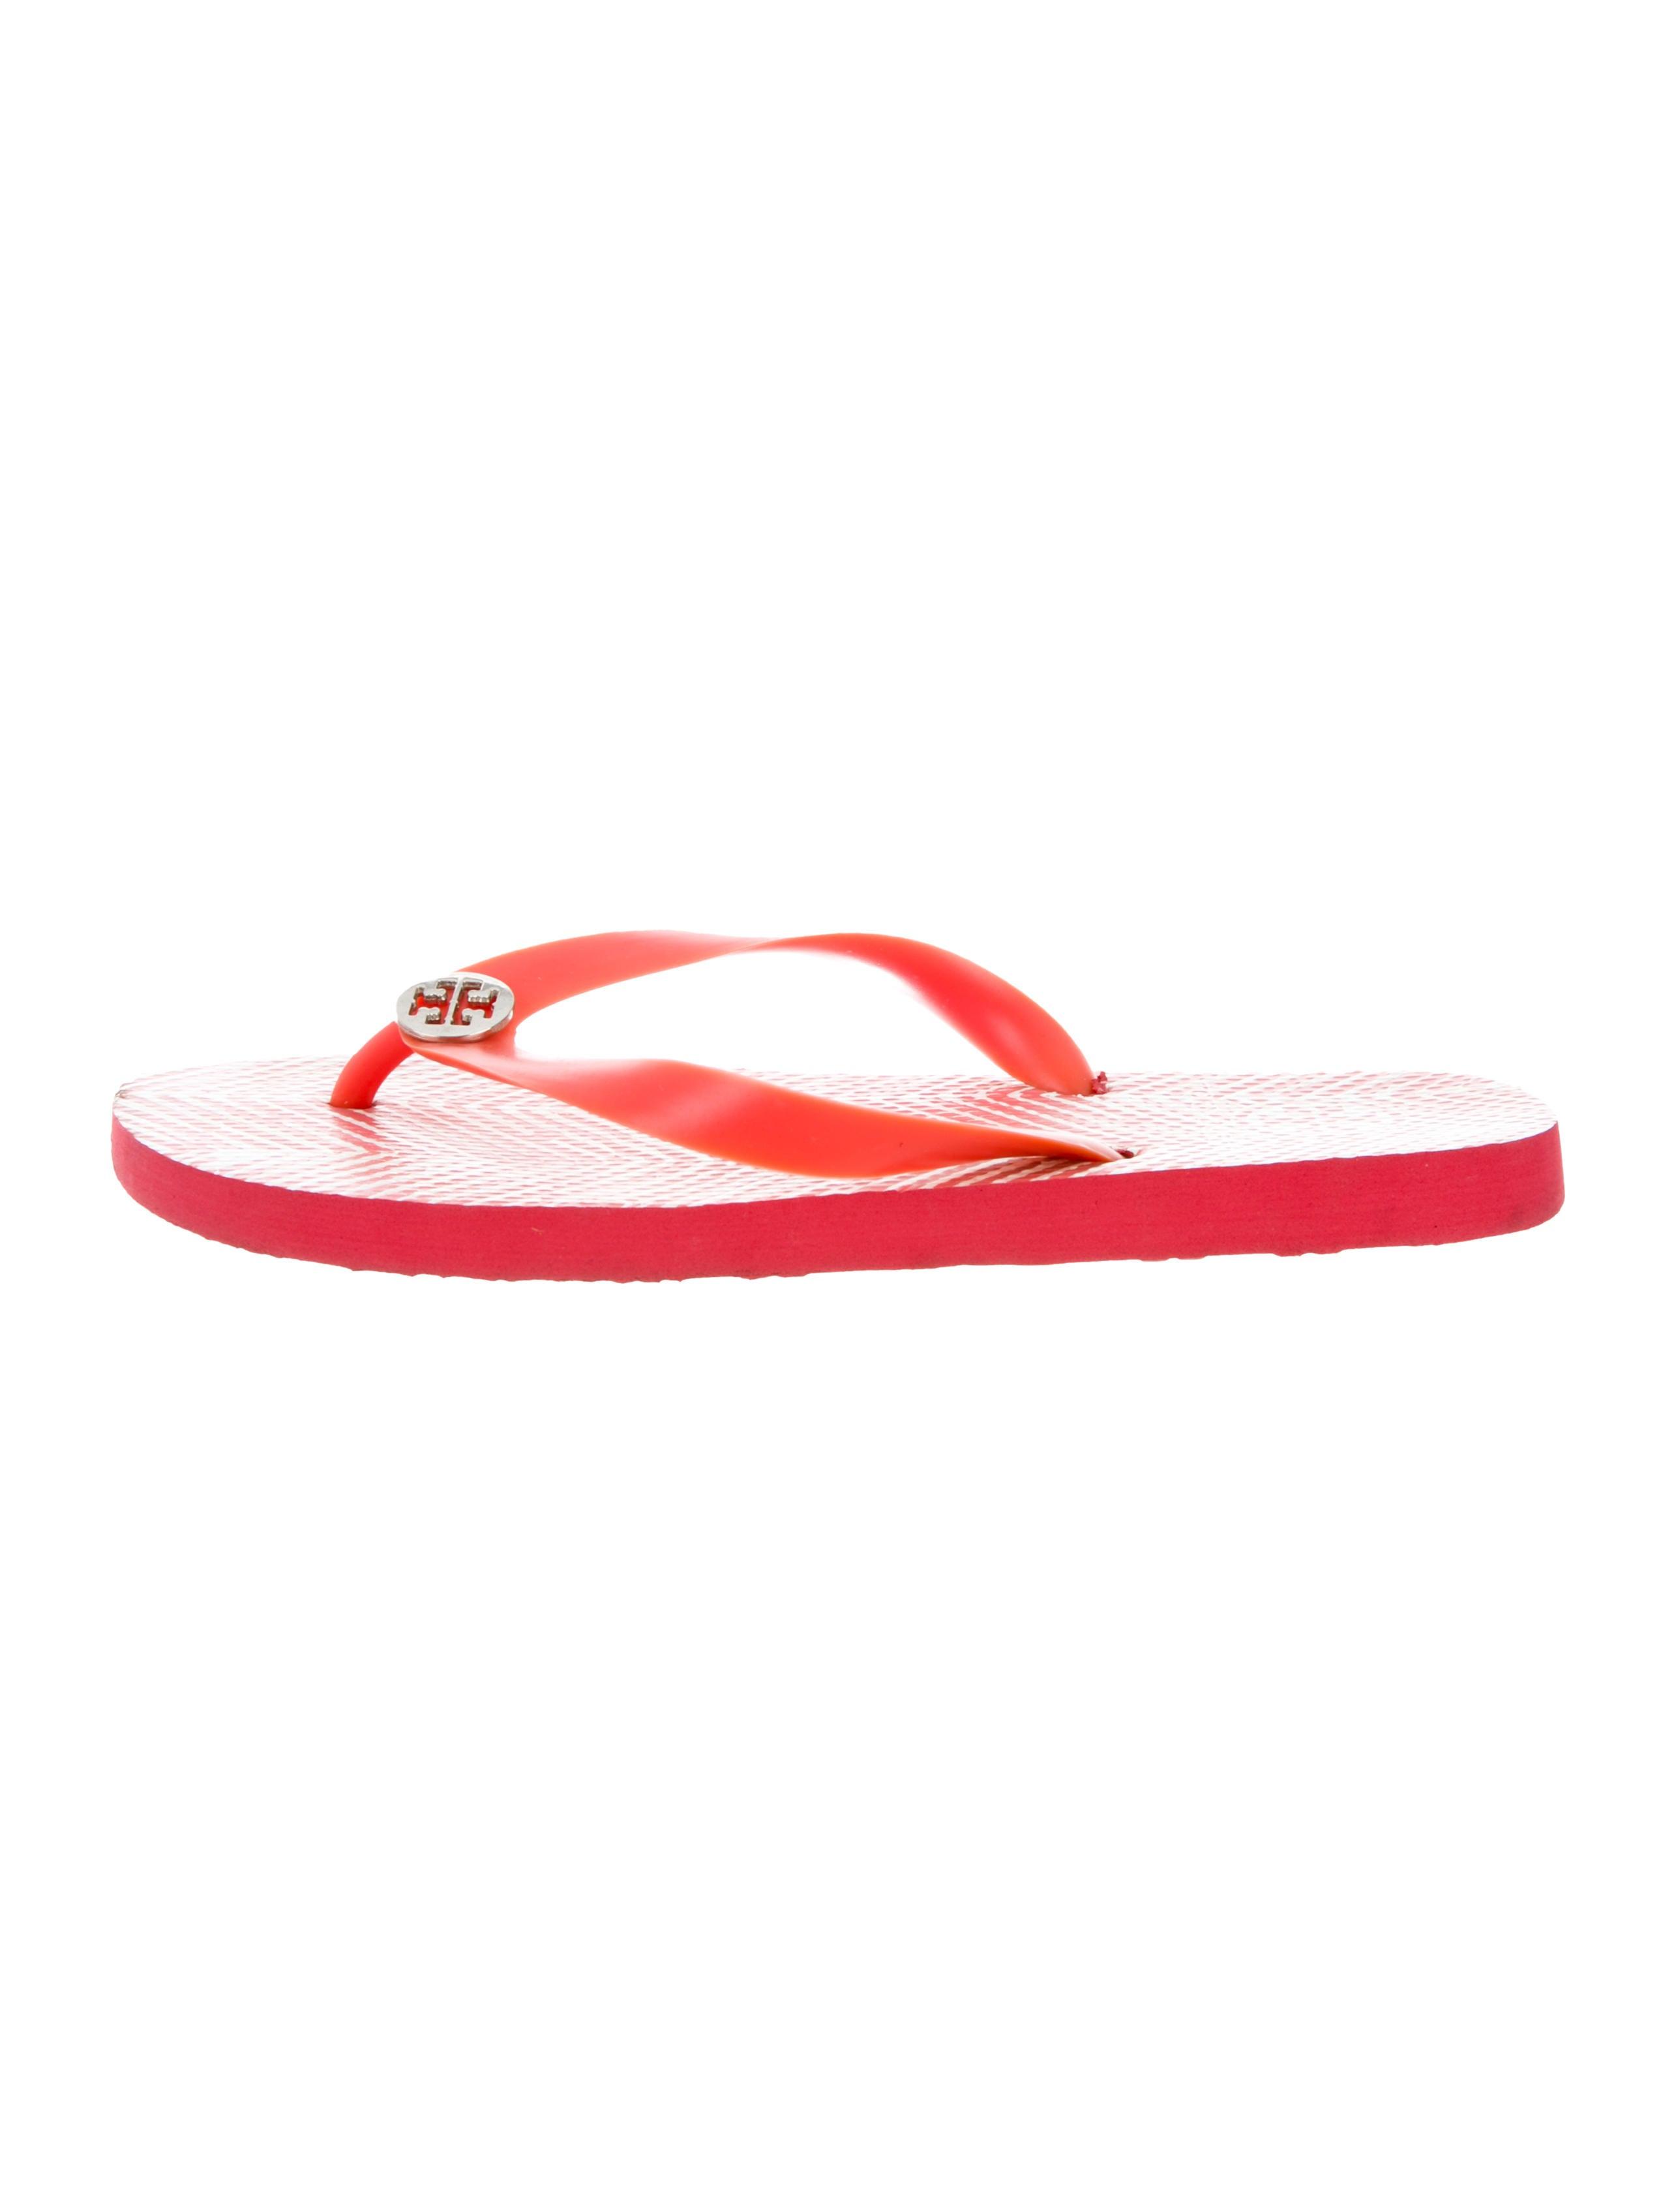 ecacf3b41888 Tory Burch Rubber Logo-Accented Flip Flops - Shoes - WTO155353